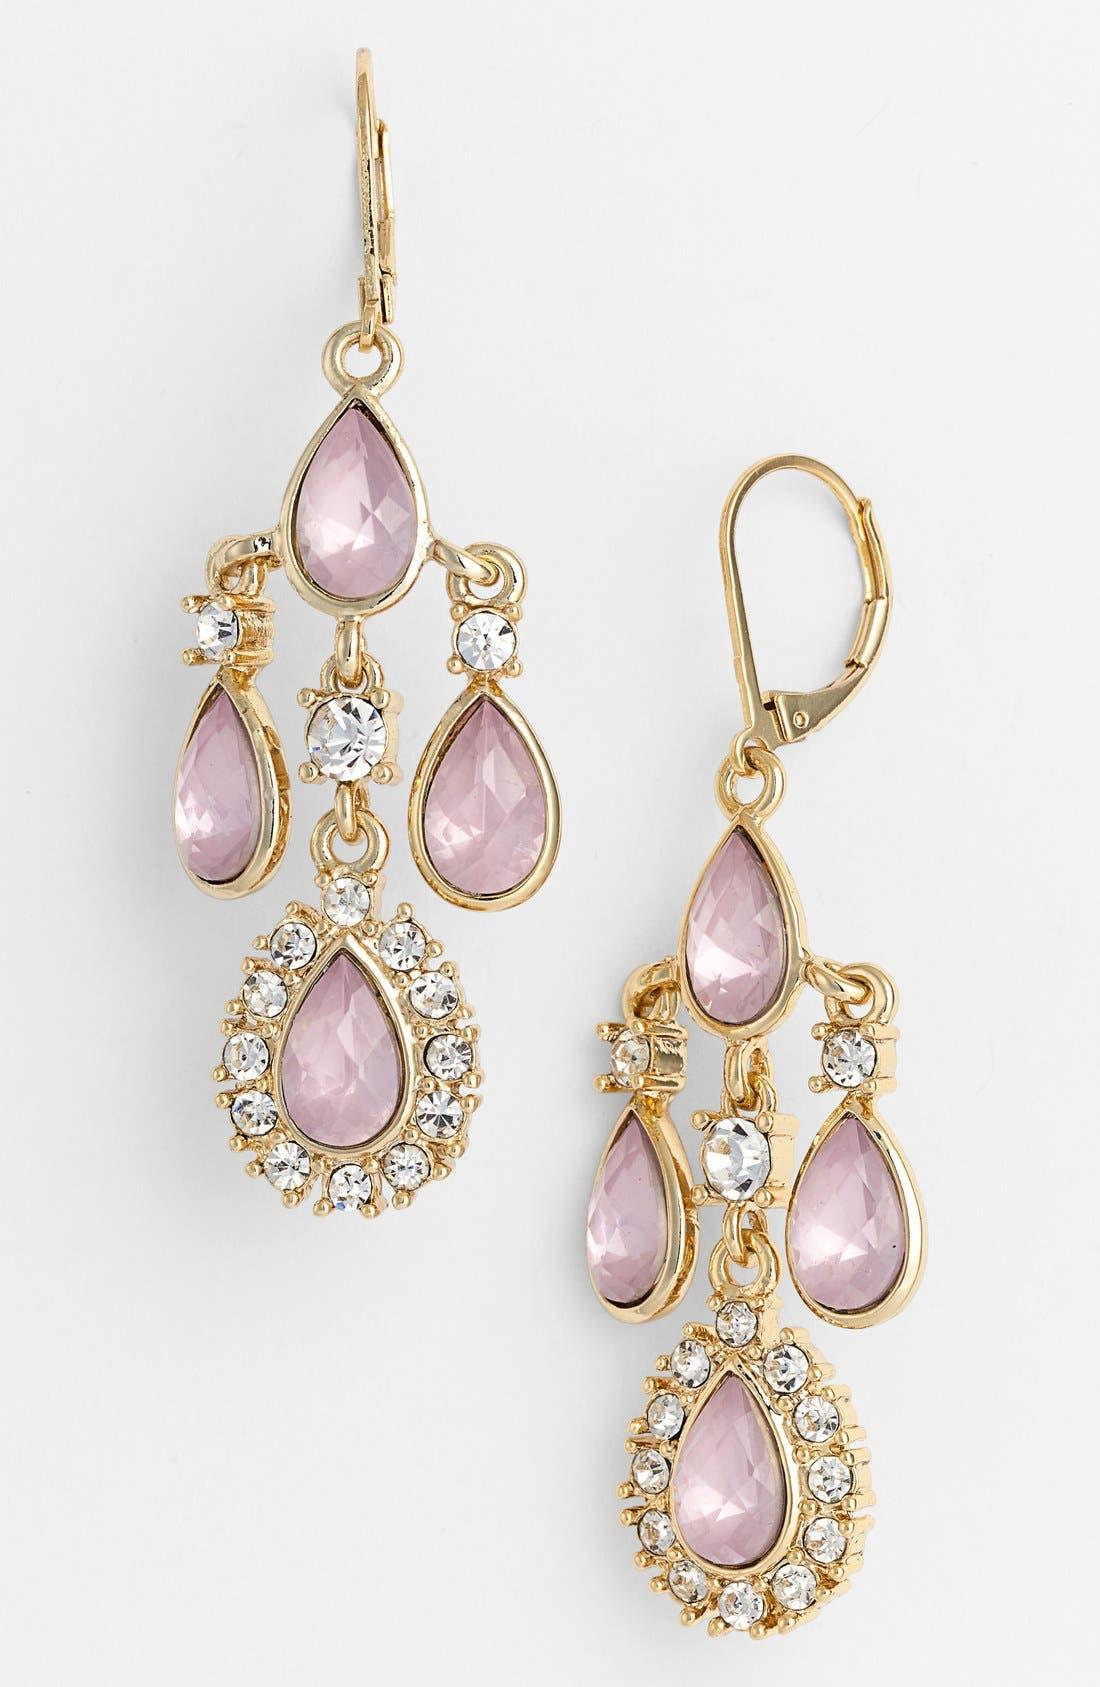 Main Image - Anne Klein Teardrop Chandelier Earrings